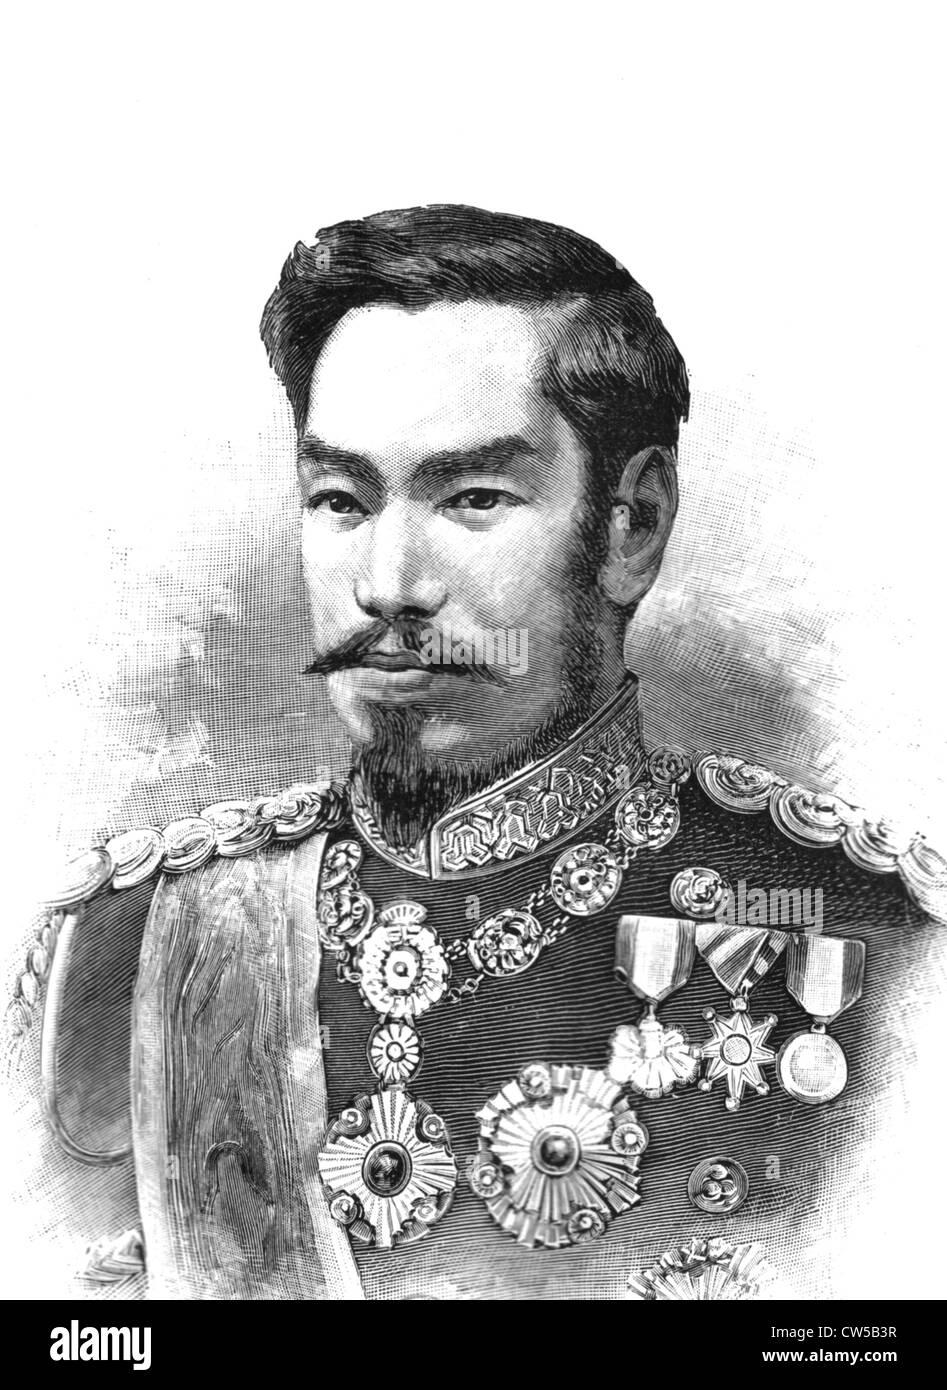 Japanese Emperor Mutsuhito Stock Photo